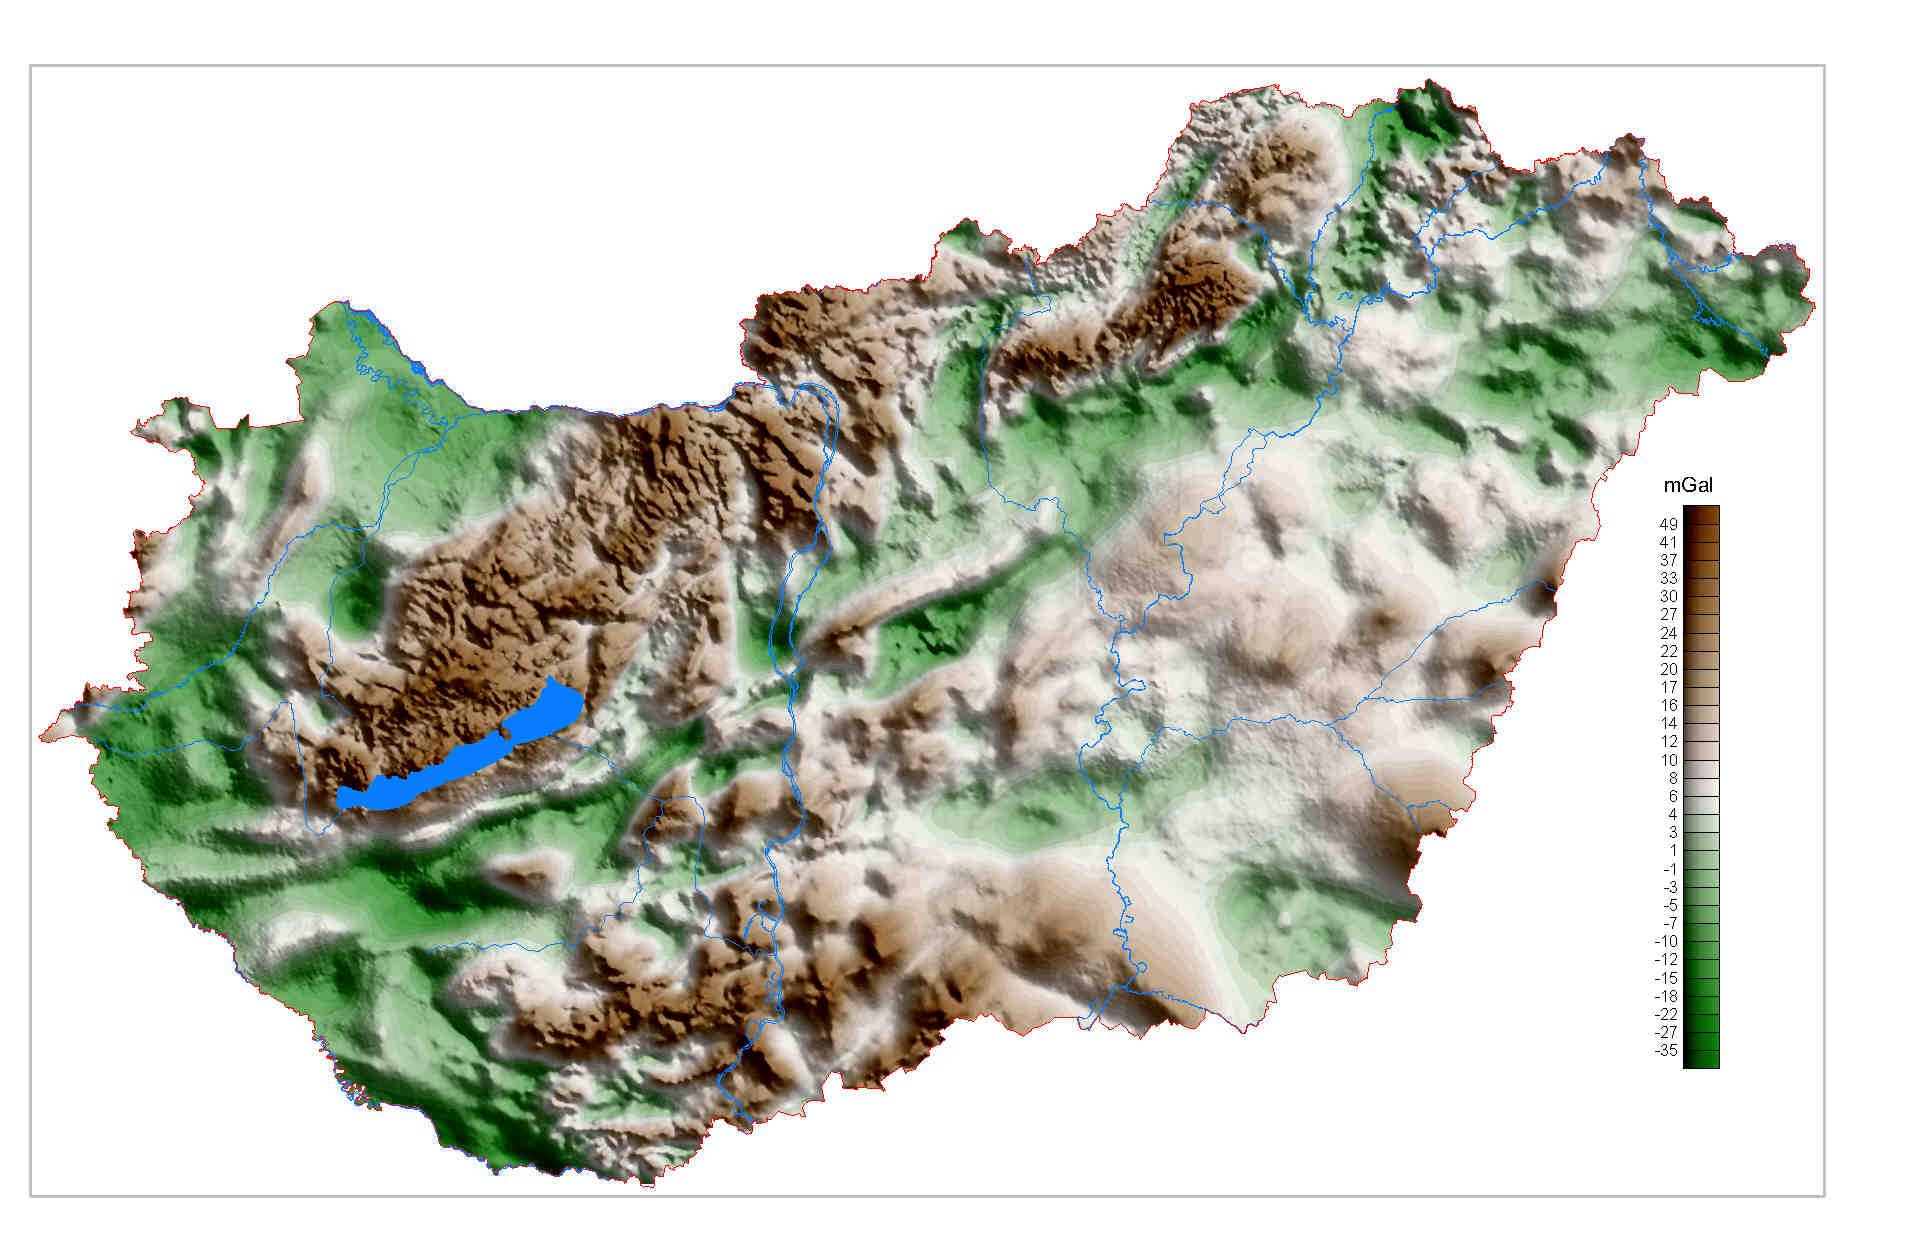 domborzati térkép Magyarországon élünk: Domborzati térkép (kép) domborzati térkép